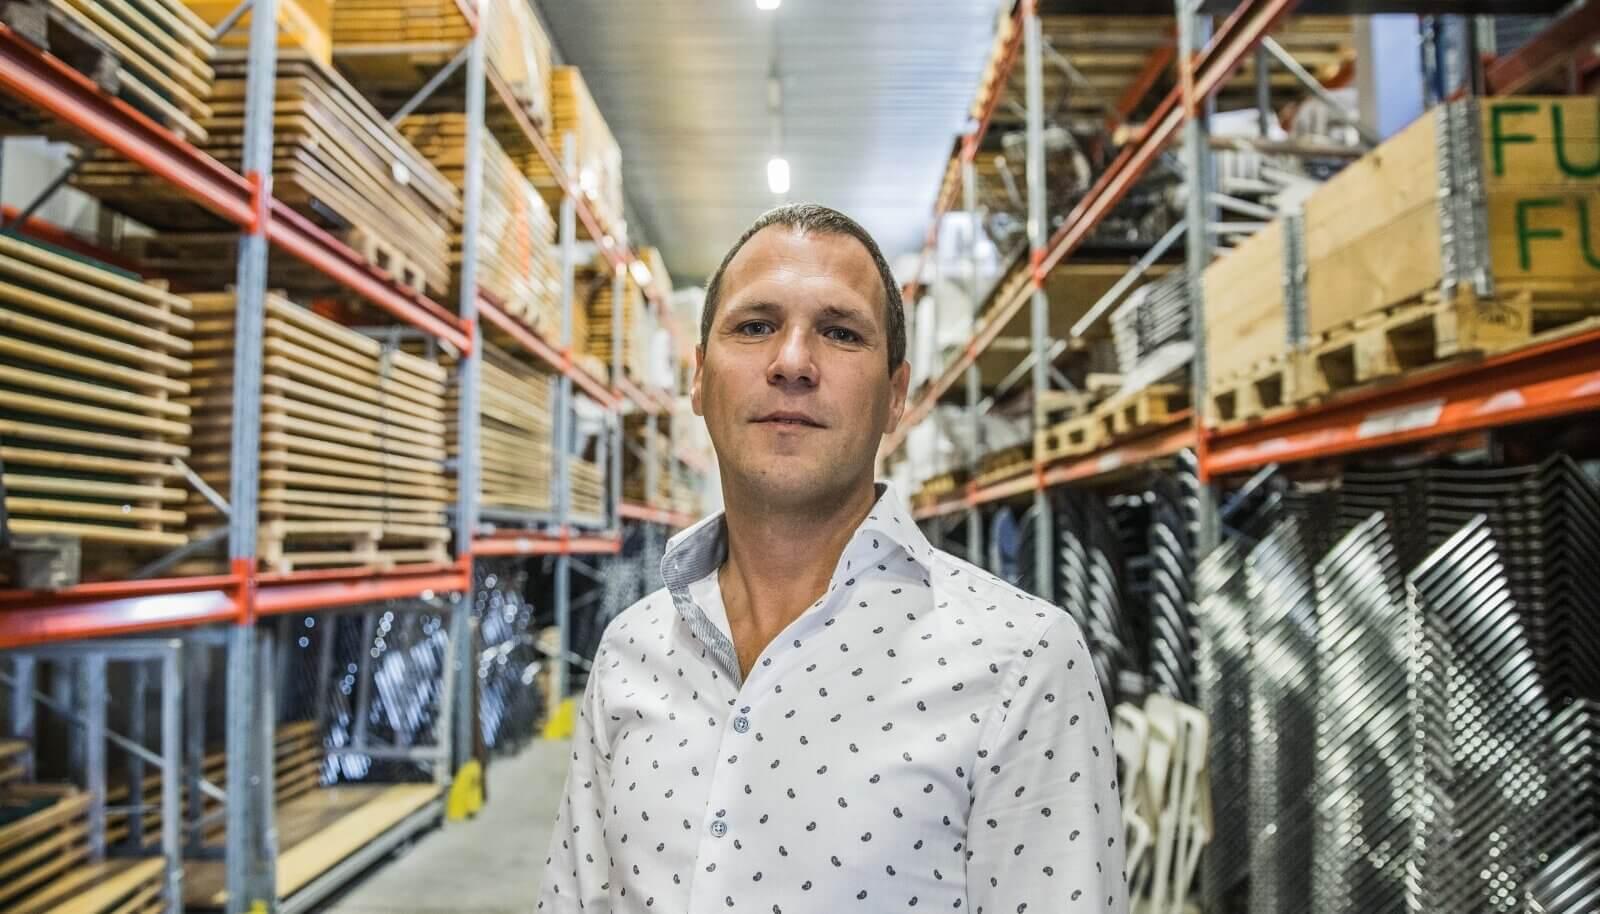 eesti suurima peoinventarifirma funrent tegevjuhi rauno viljaranna son 94179609